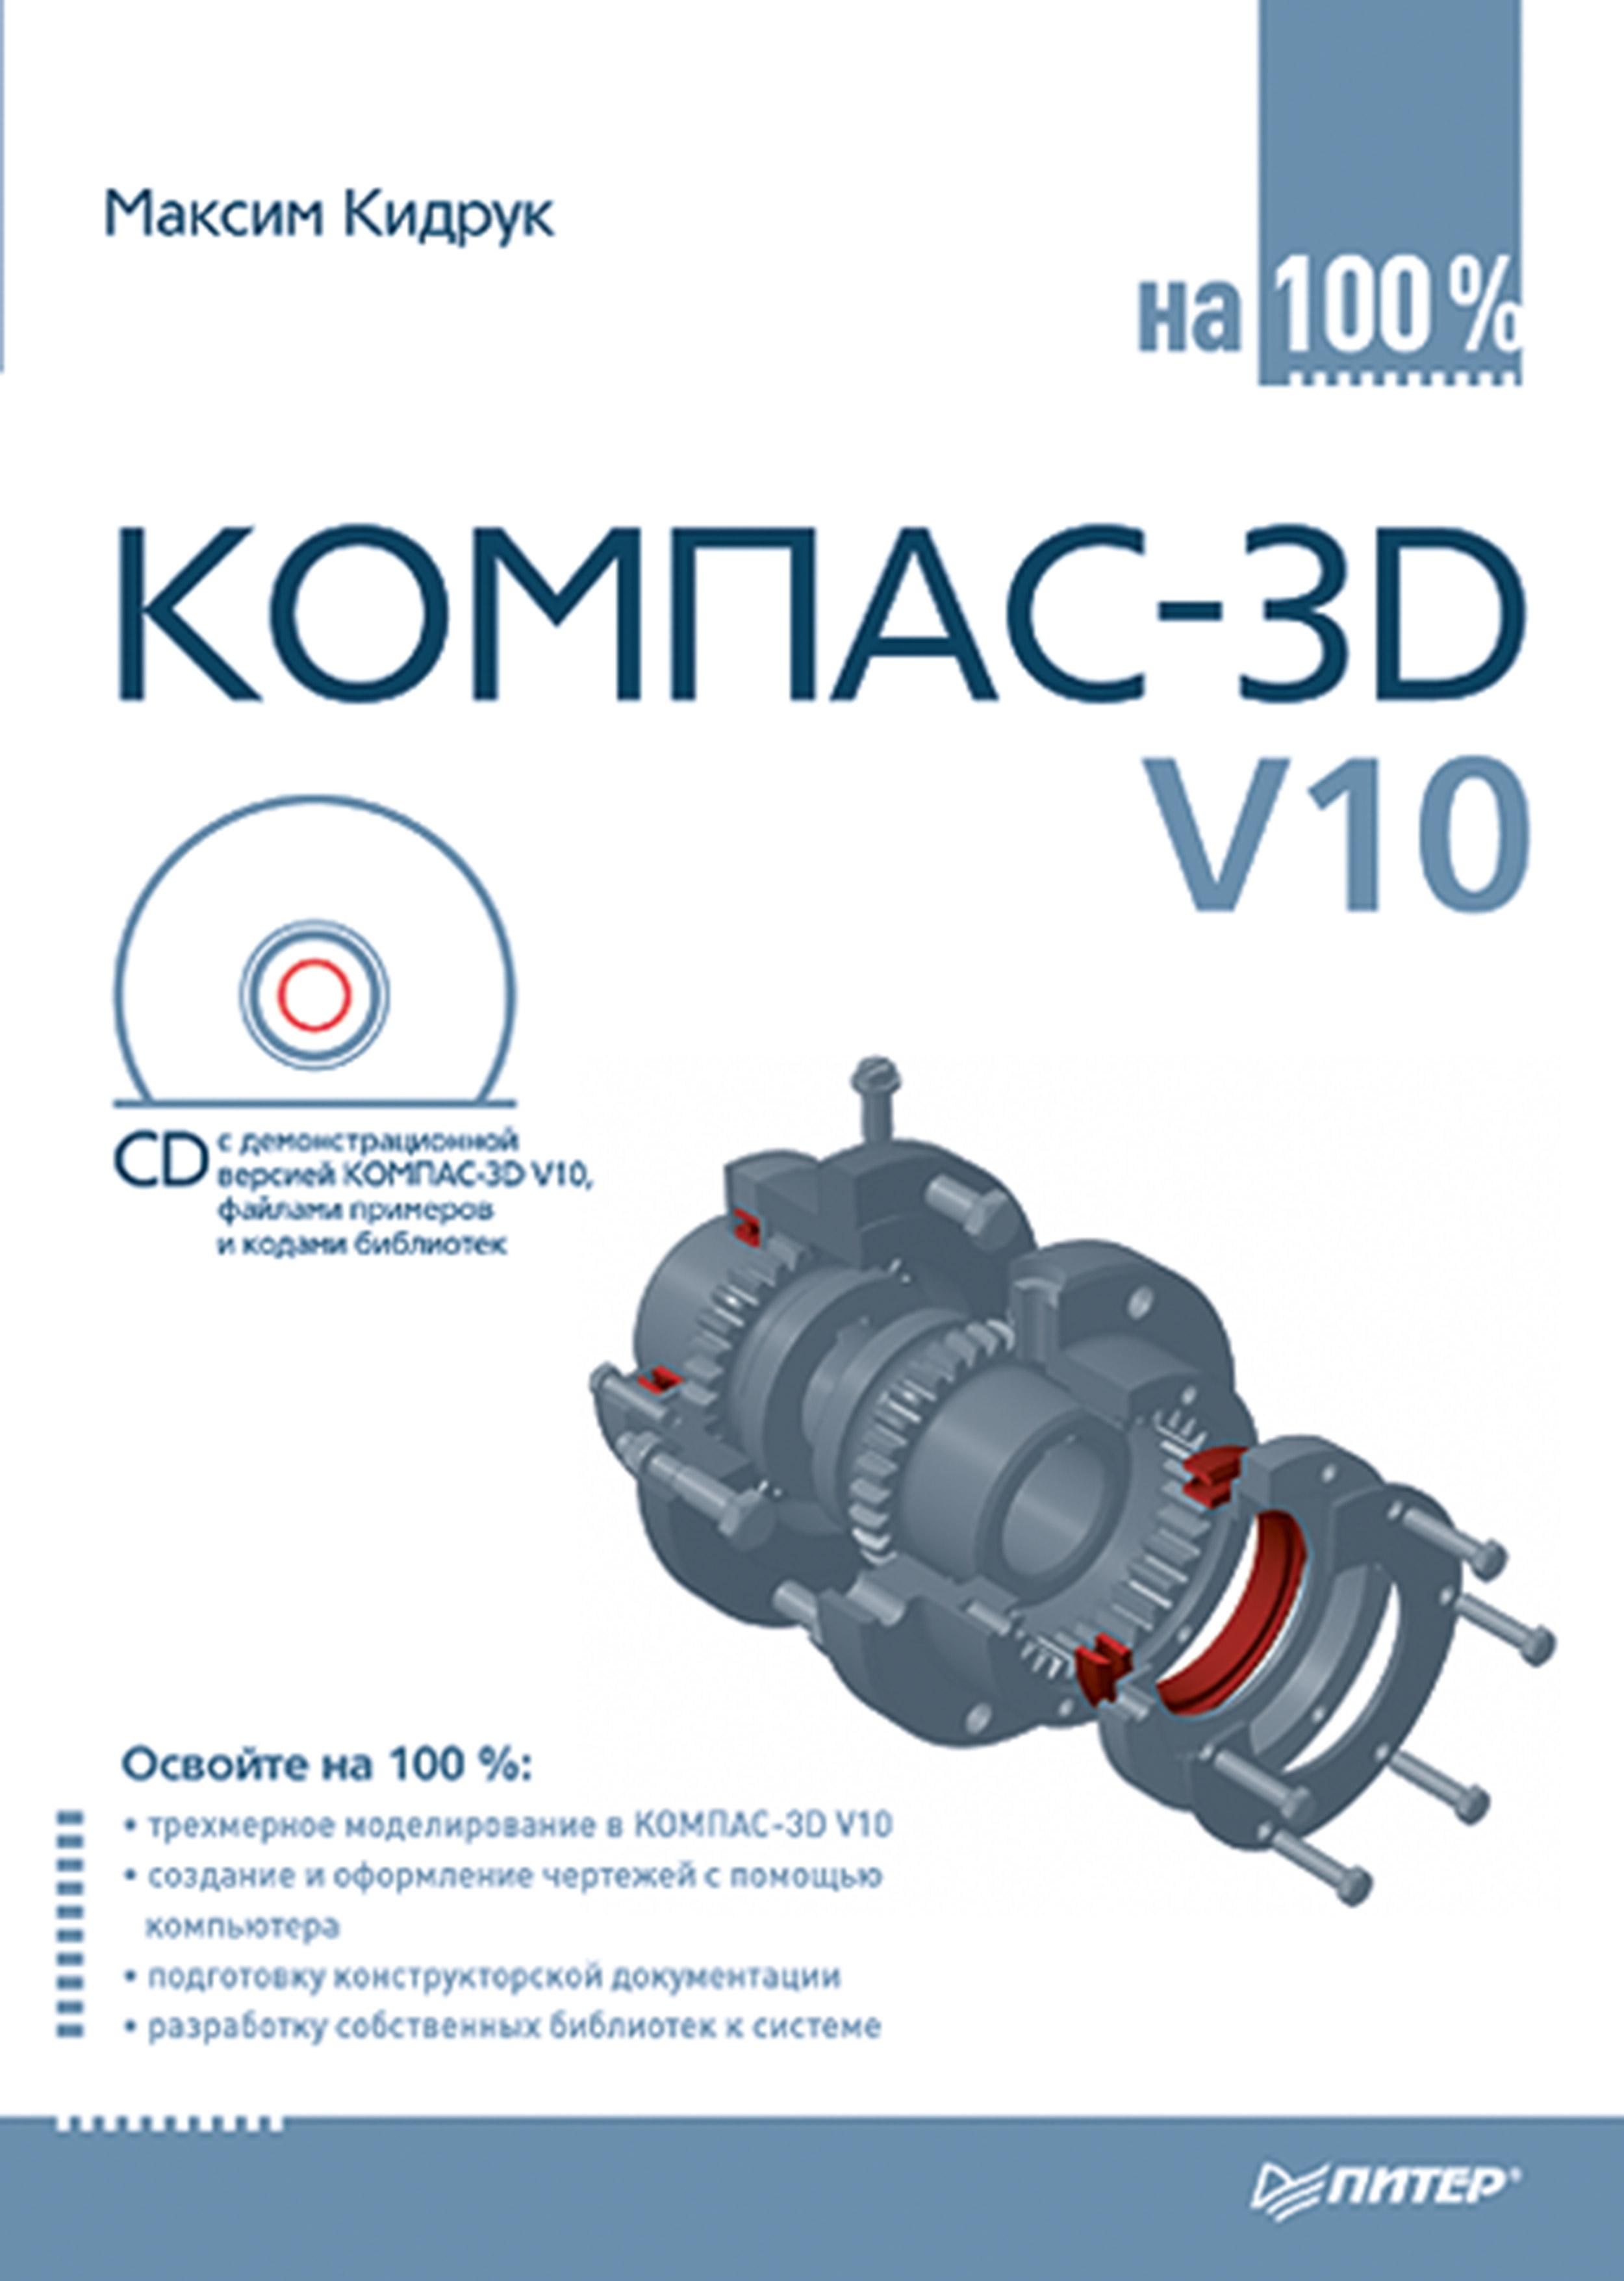 Максим Кидрук КОМПАС-3D V10 на 100 %